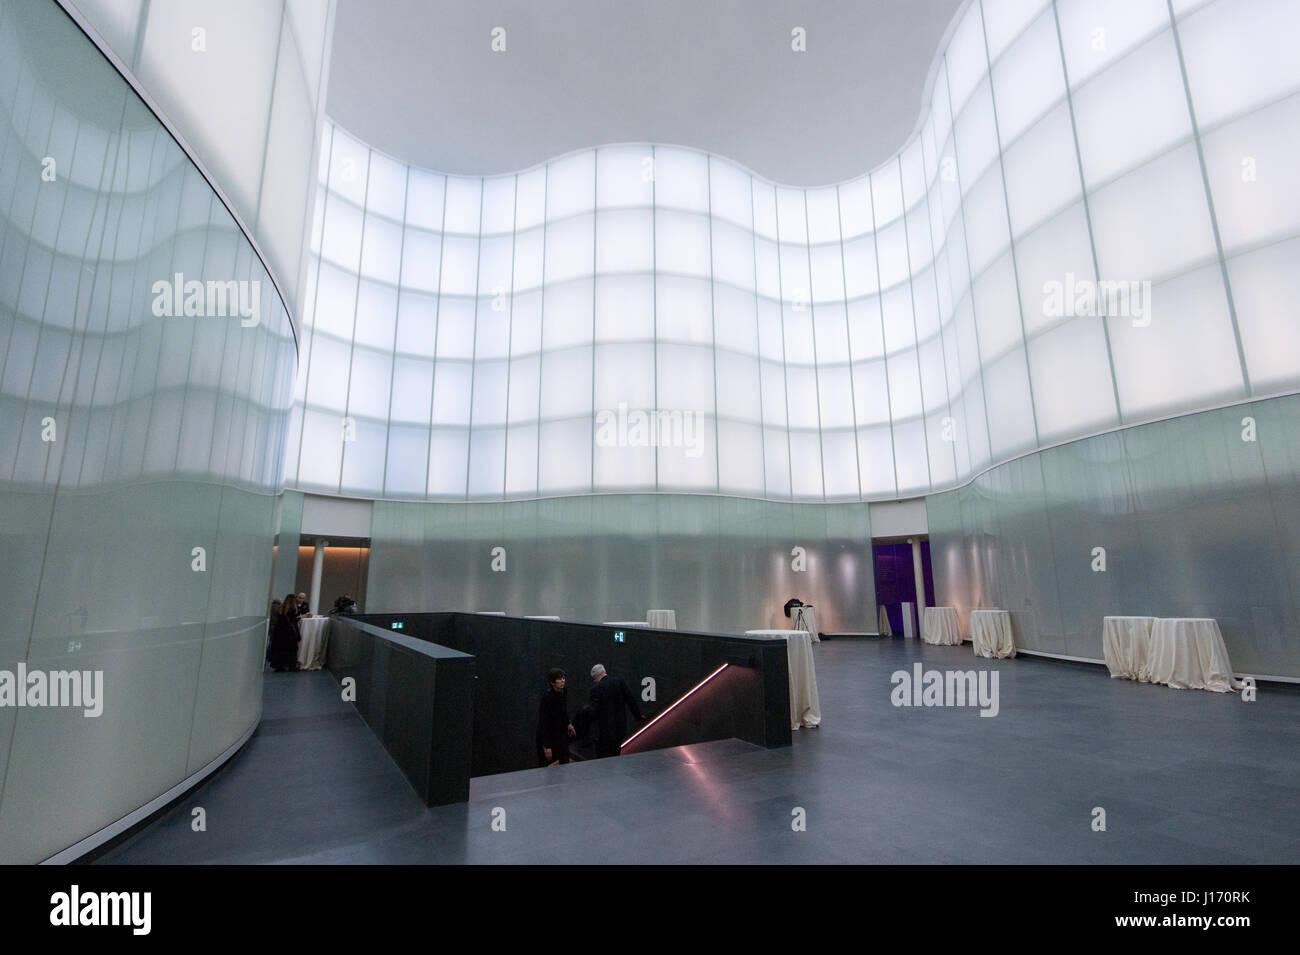 MUDEC - Museo de las culturas de Milán, diseñado por David Chipperfield Architects - Cubiertas acristaladas Imagen De Stock